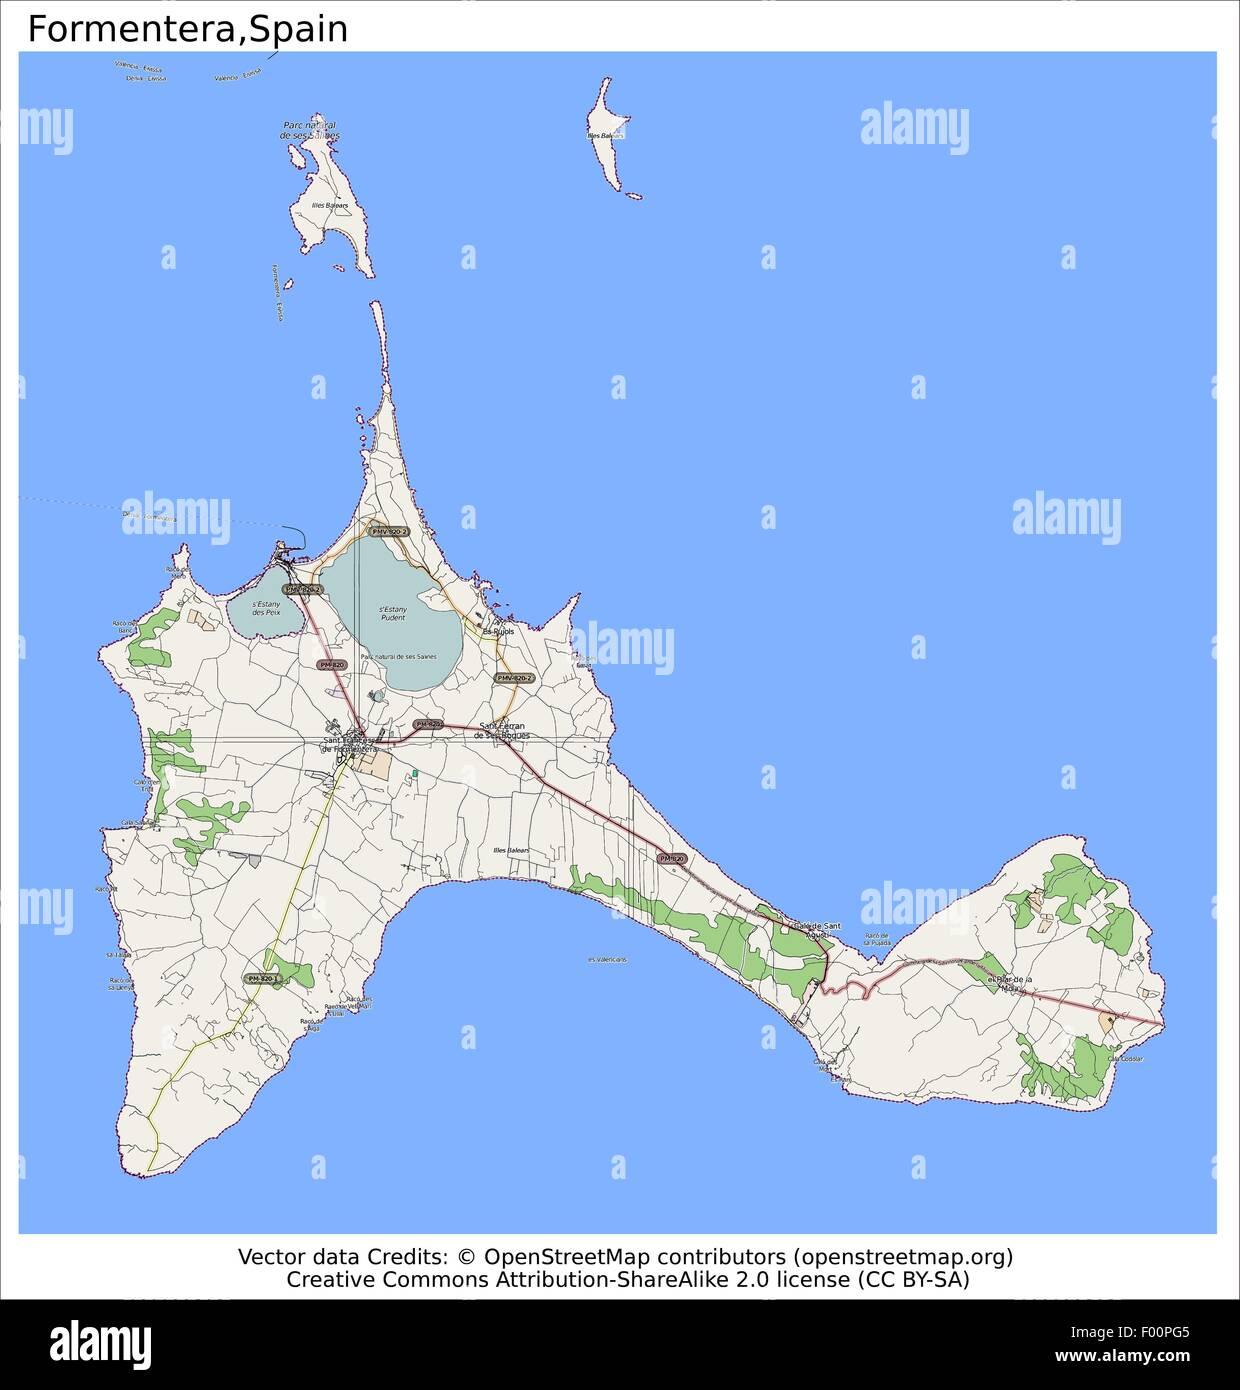 Cartina Geografica Spagna E Formentera.Isola Di Formentera Spagna Paese Isola Citta Membro